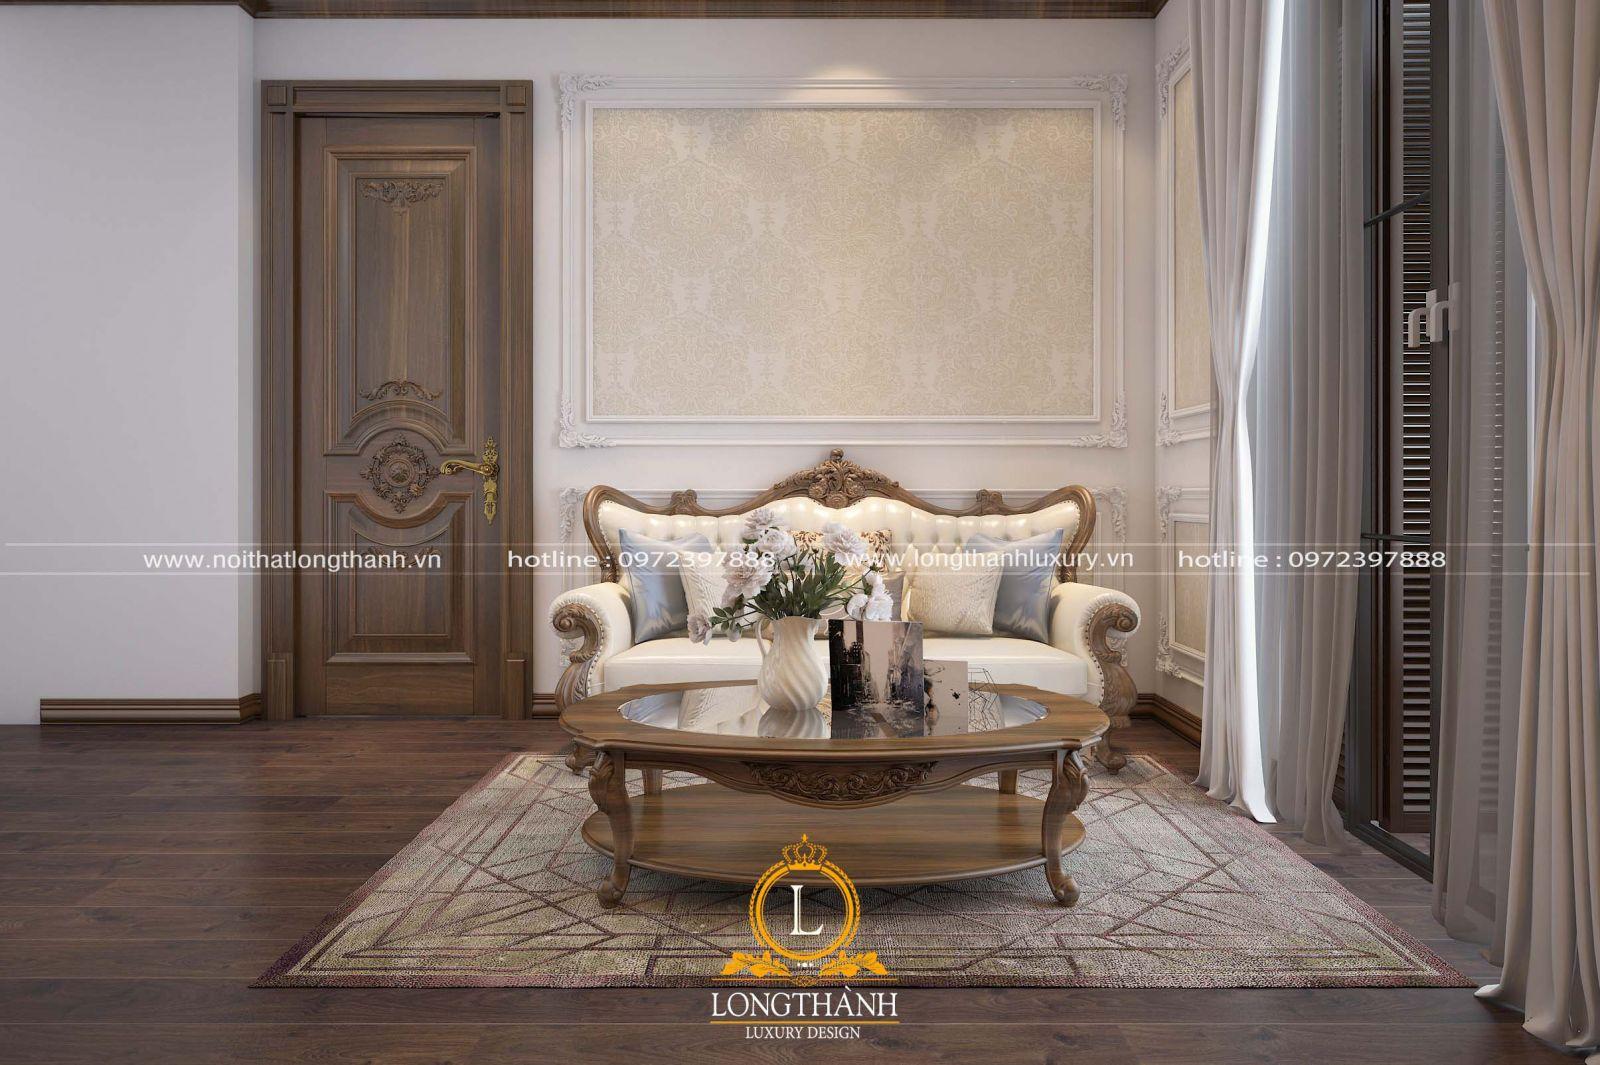 Sofa văng là lựa chọn hoàn hảo cho chung cư nhỏ